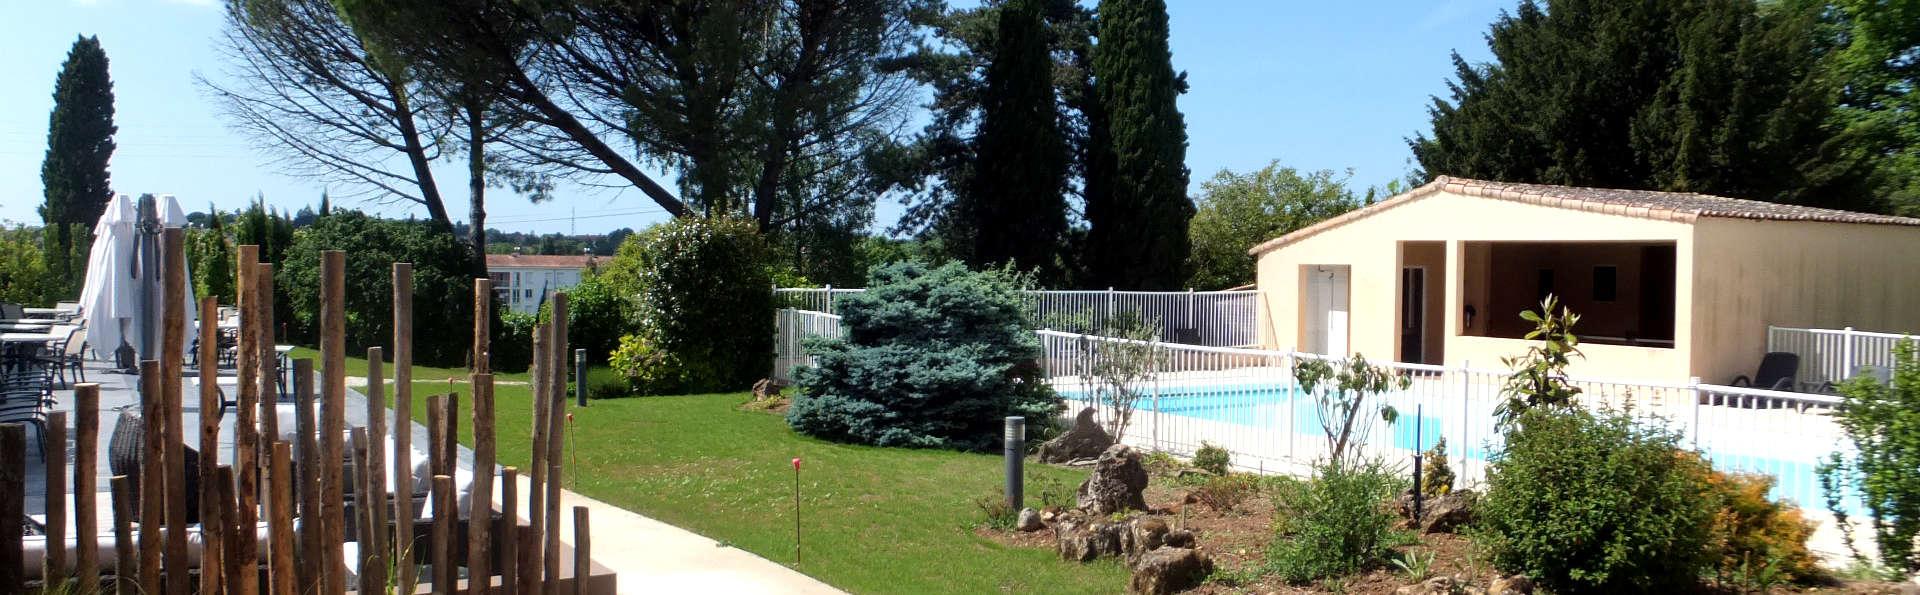 Design et bien-être à Fontenay-le-Comte